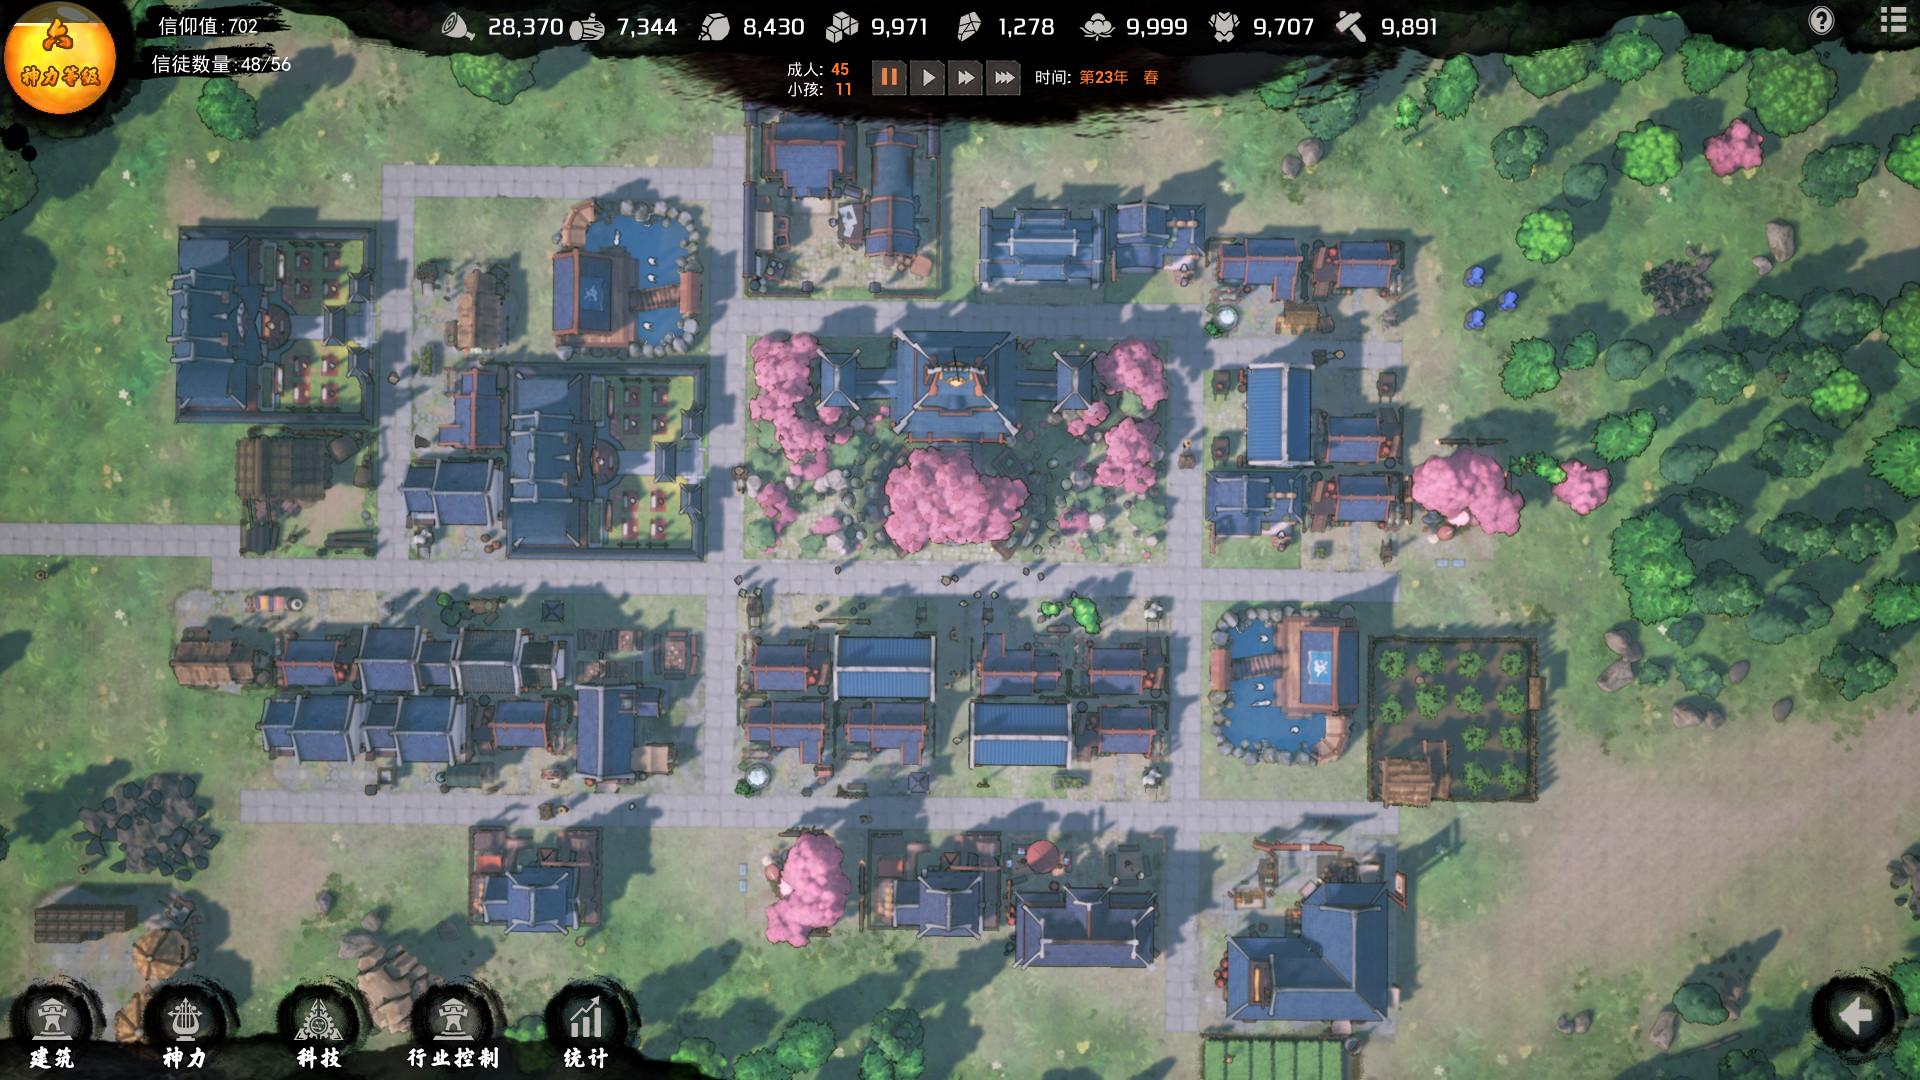 国风模拟经营《天神镇物语》上架Steam 今年3月发售